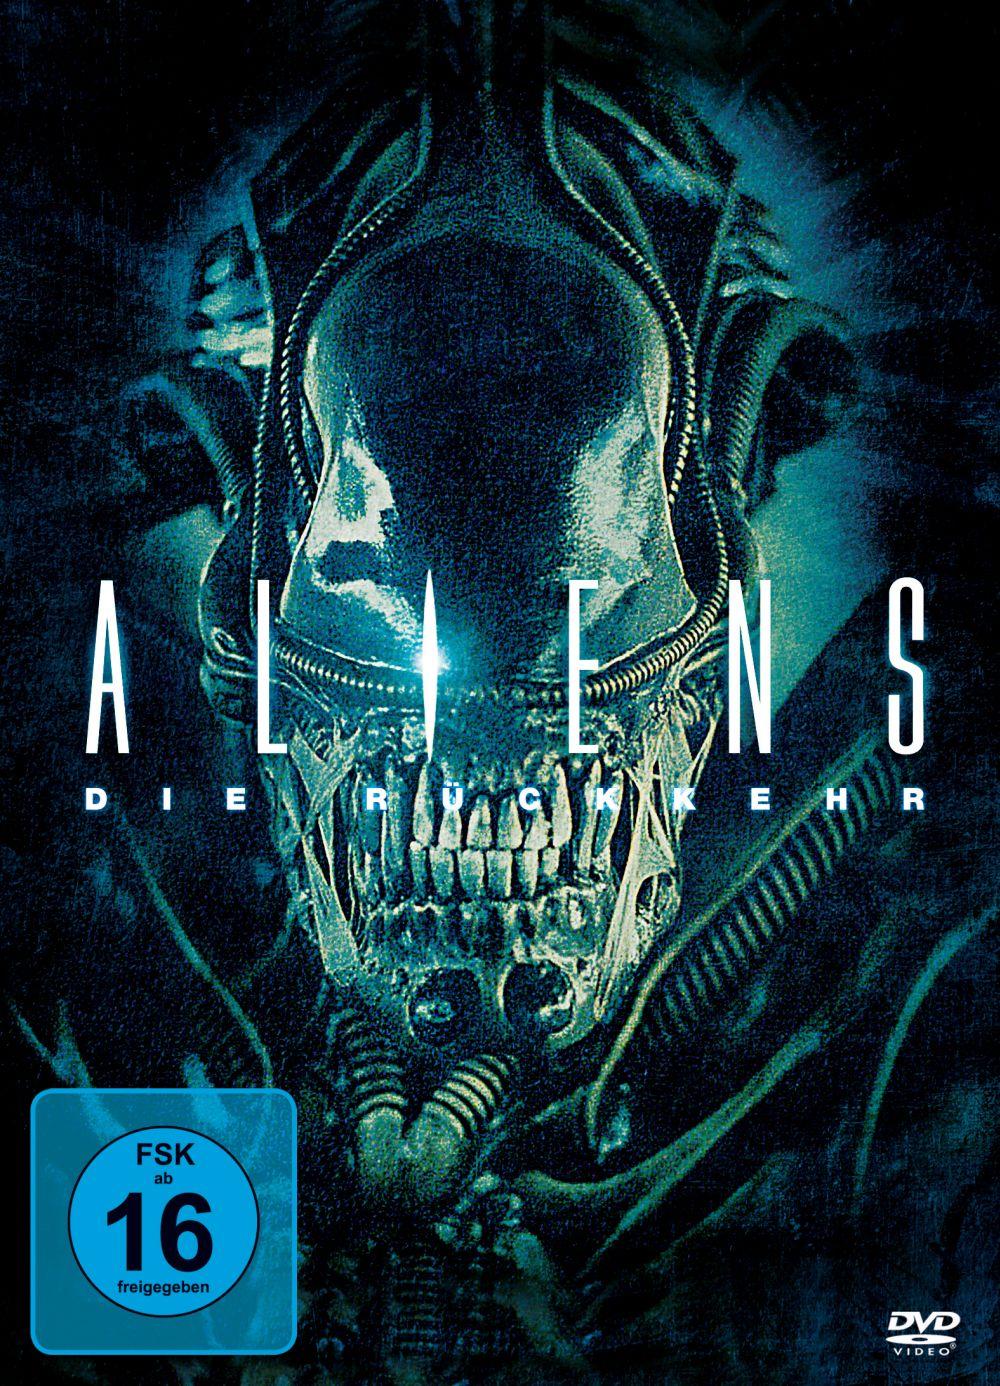 Neue Horrorfilme Auf Dvd Blu Ray Im Kino Oder Als Stream